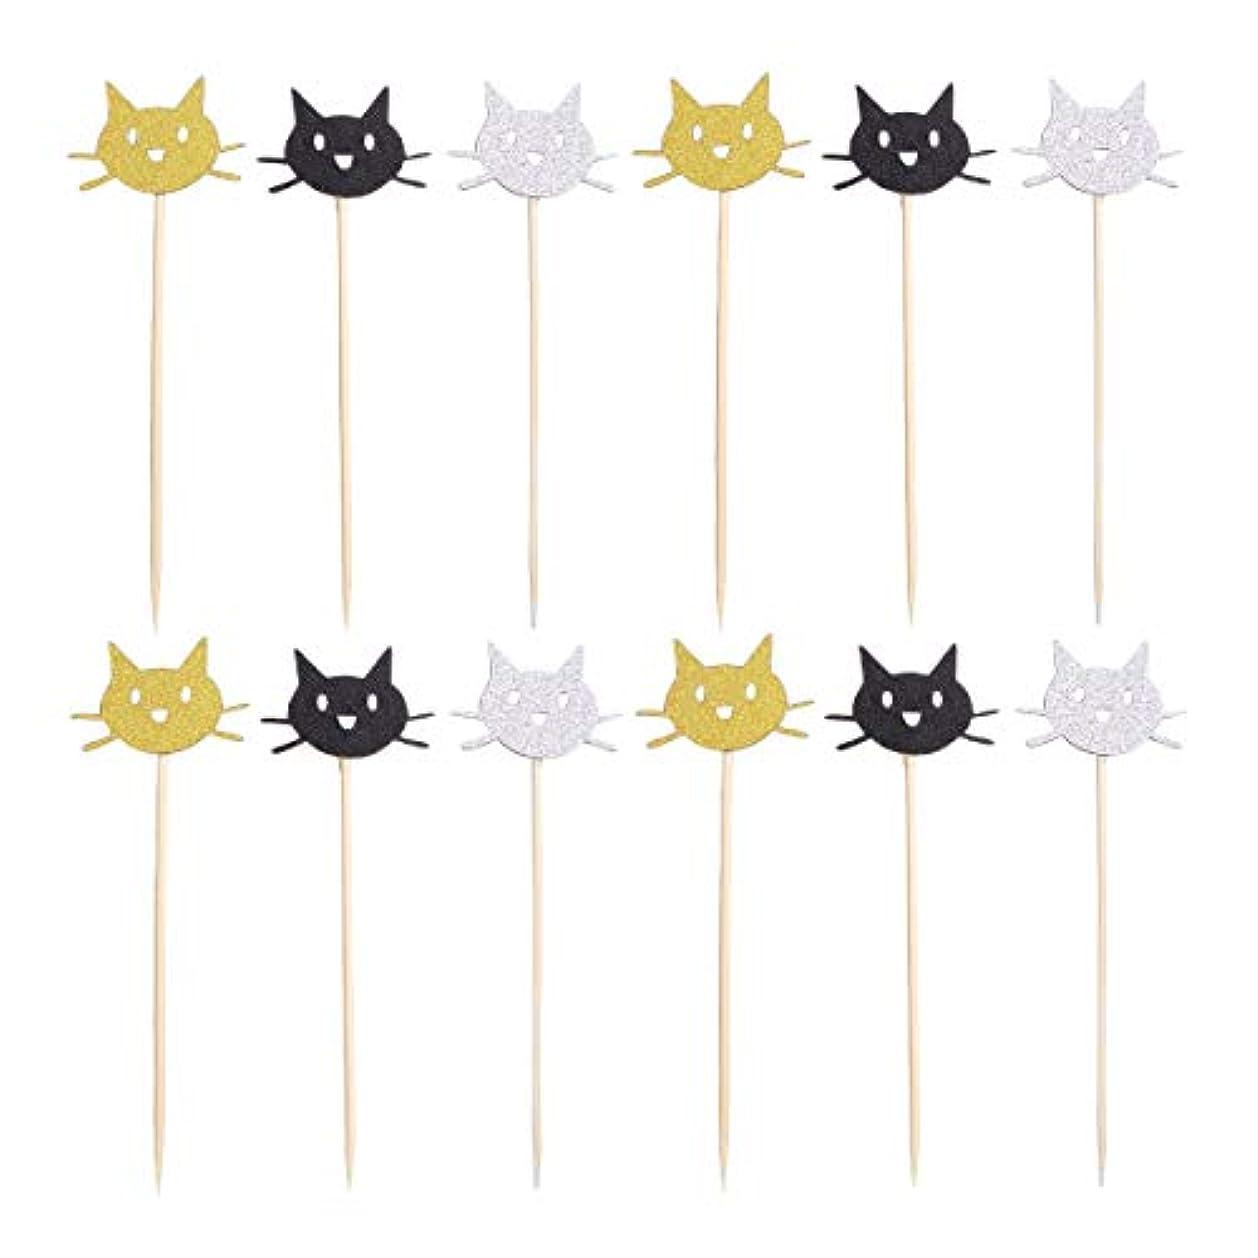 爪スリット対処するBESTONZON 36ピースかわいい猫ケーキトッパーデザートケーキ挿入誕生日パーティーケーキデコレーションベビーシャワー用品